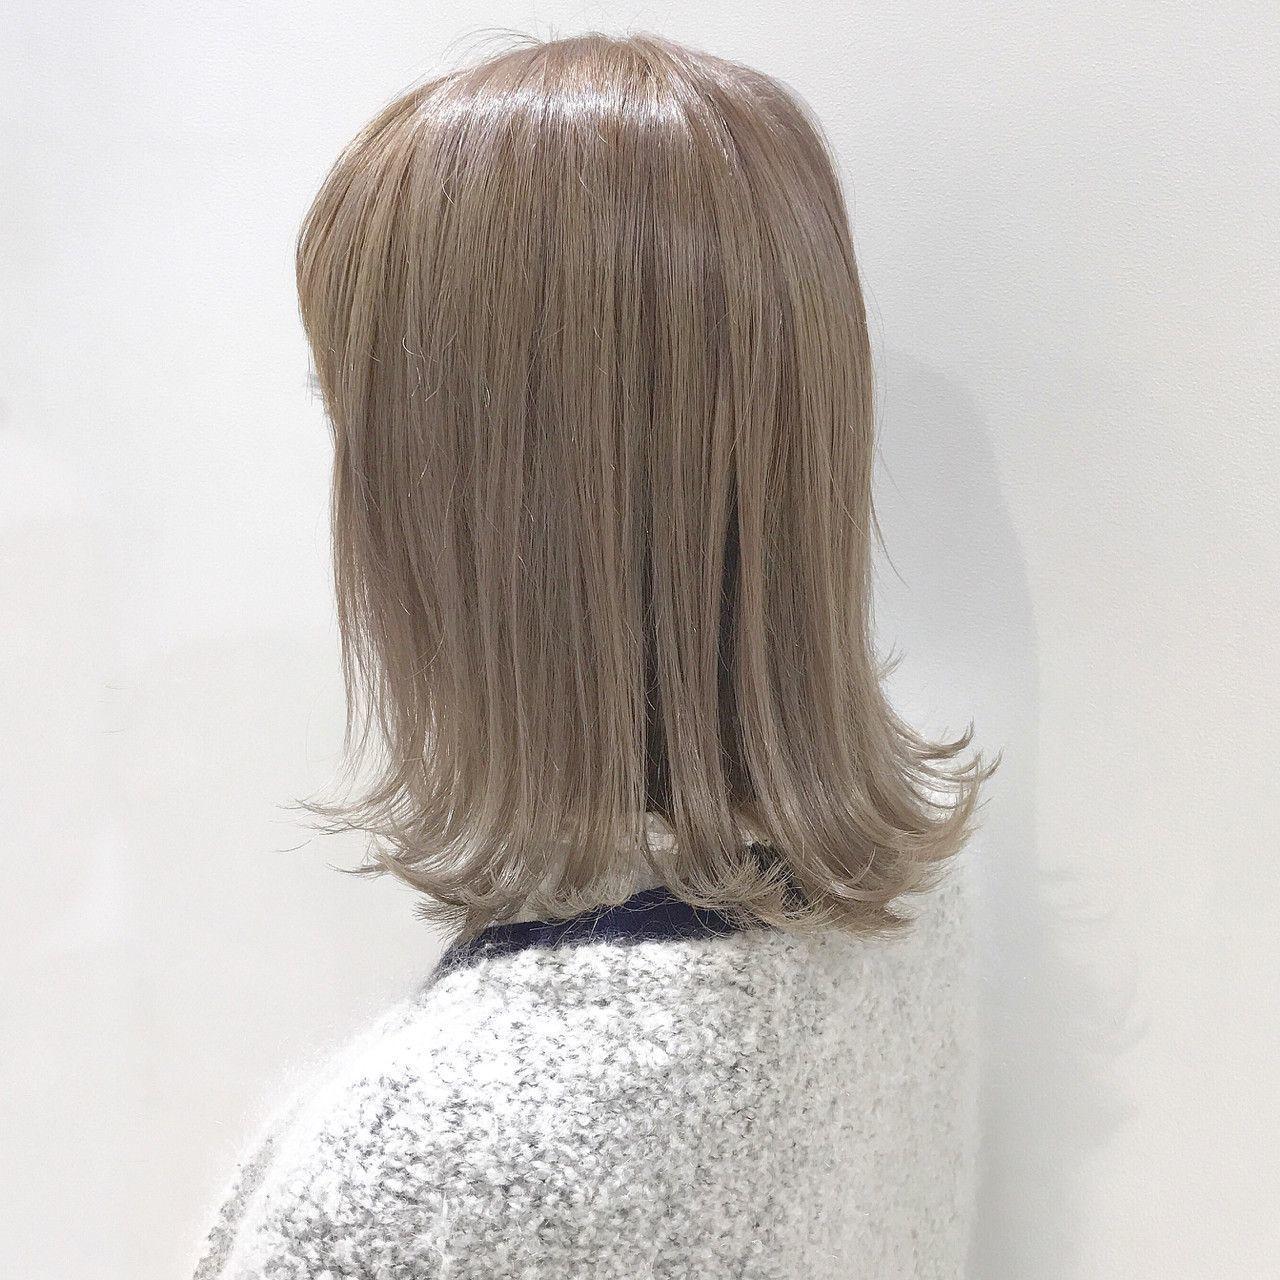 そんな方には、パープルカラーをことりベージュに合わせることで、やや白っぽくなり、透けるようなヘアカラーをゲットすることができます。